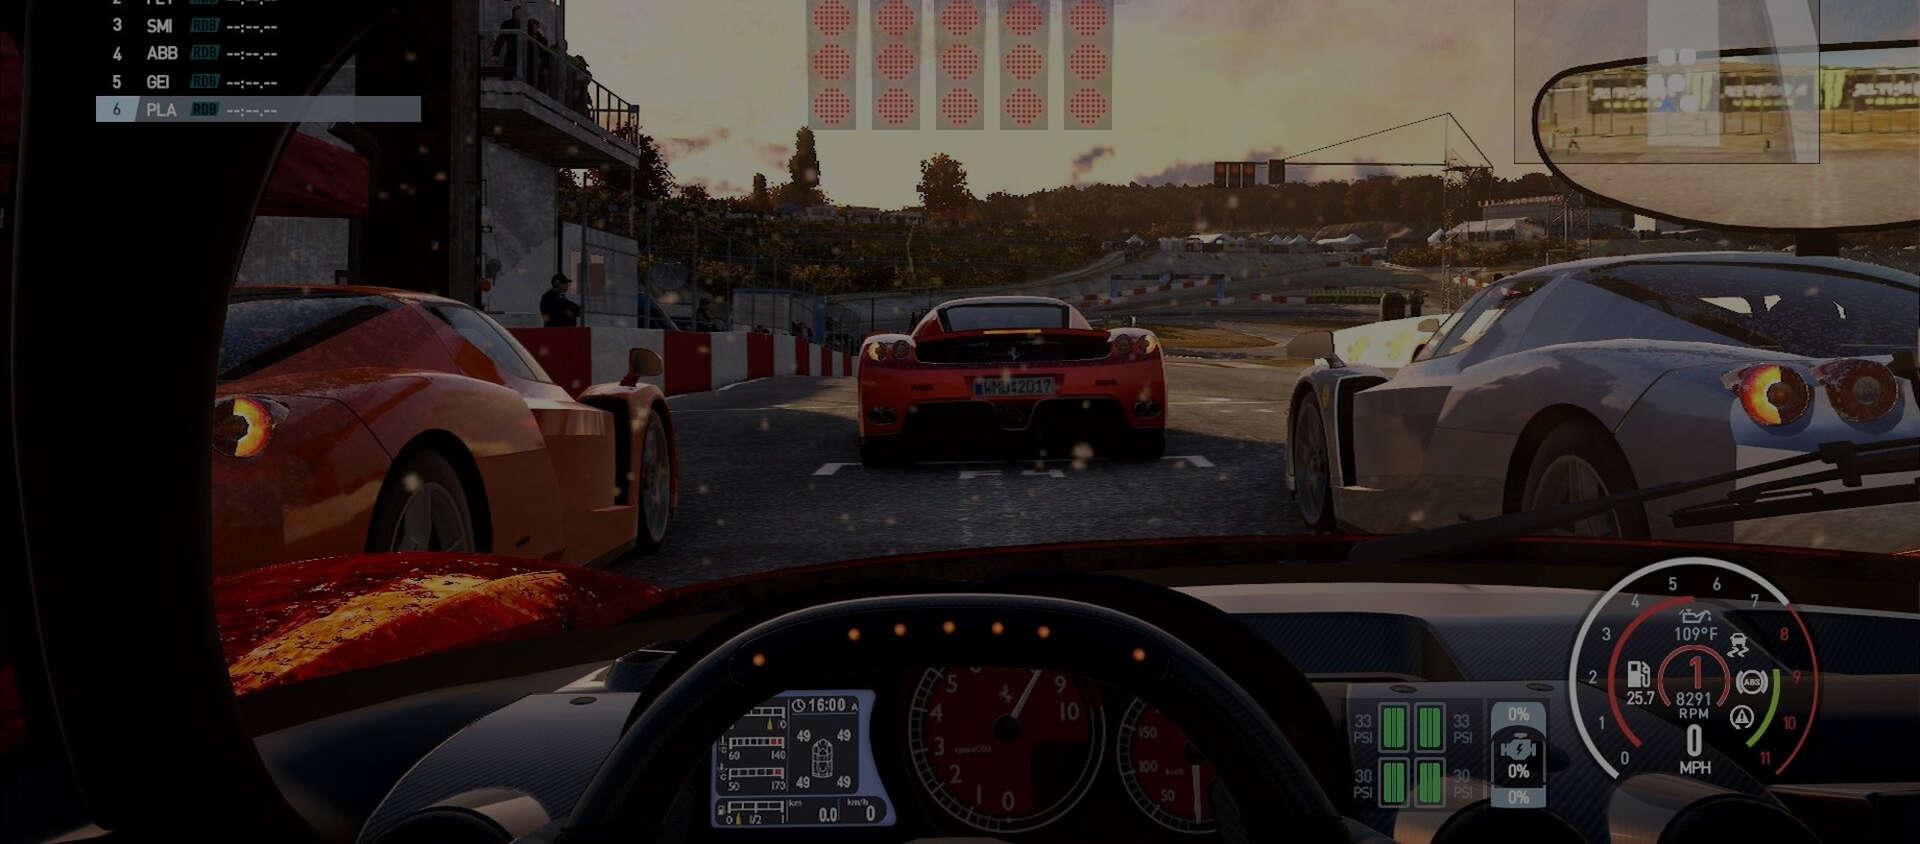 Darčekové poukážky na Laser Game, virtuálnu realitu alebo závod...